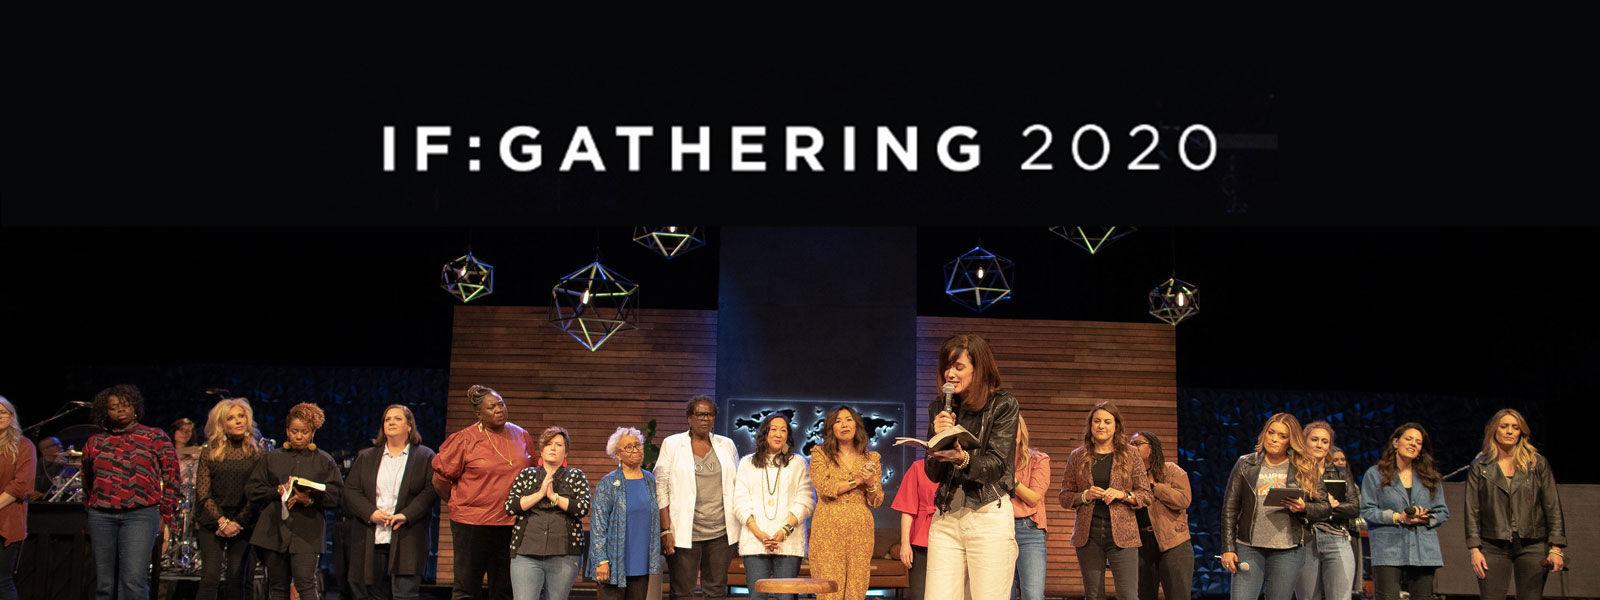 IF:Gathering 2020